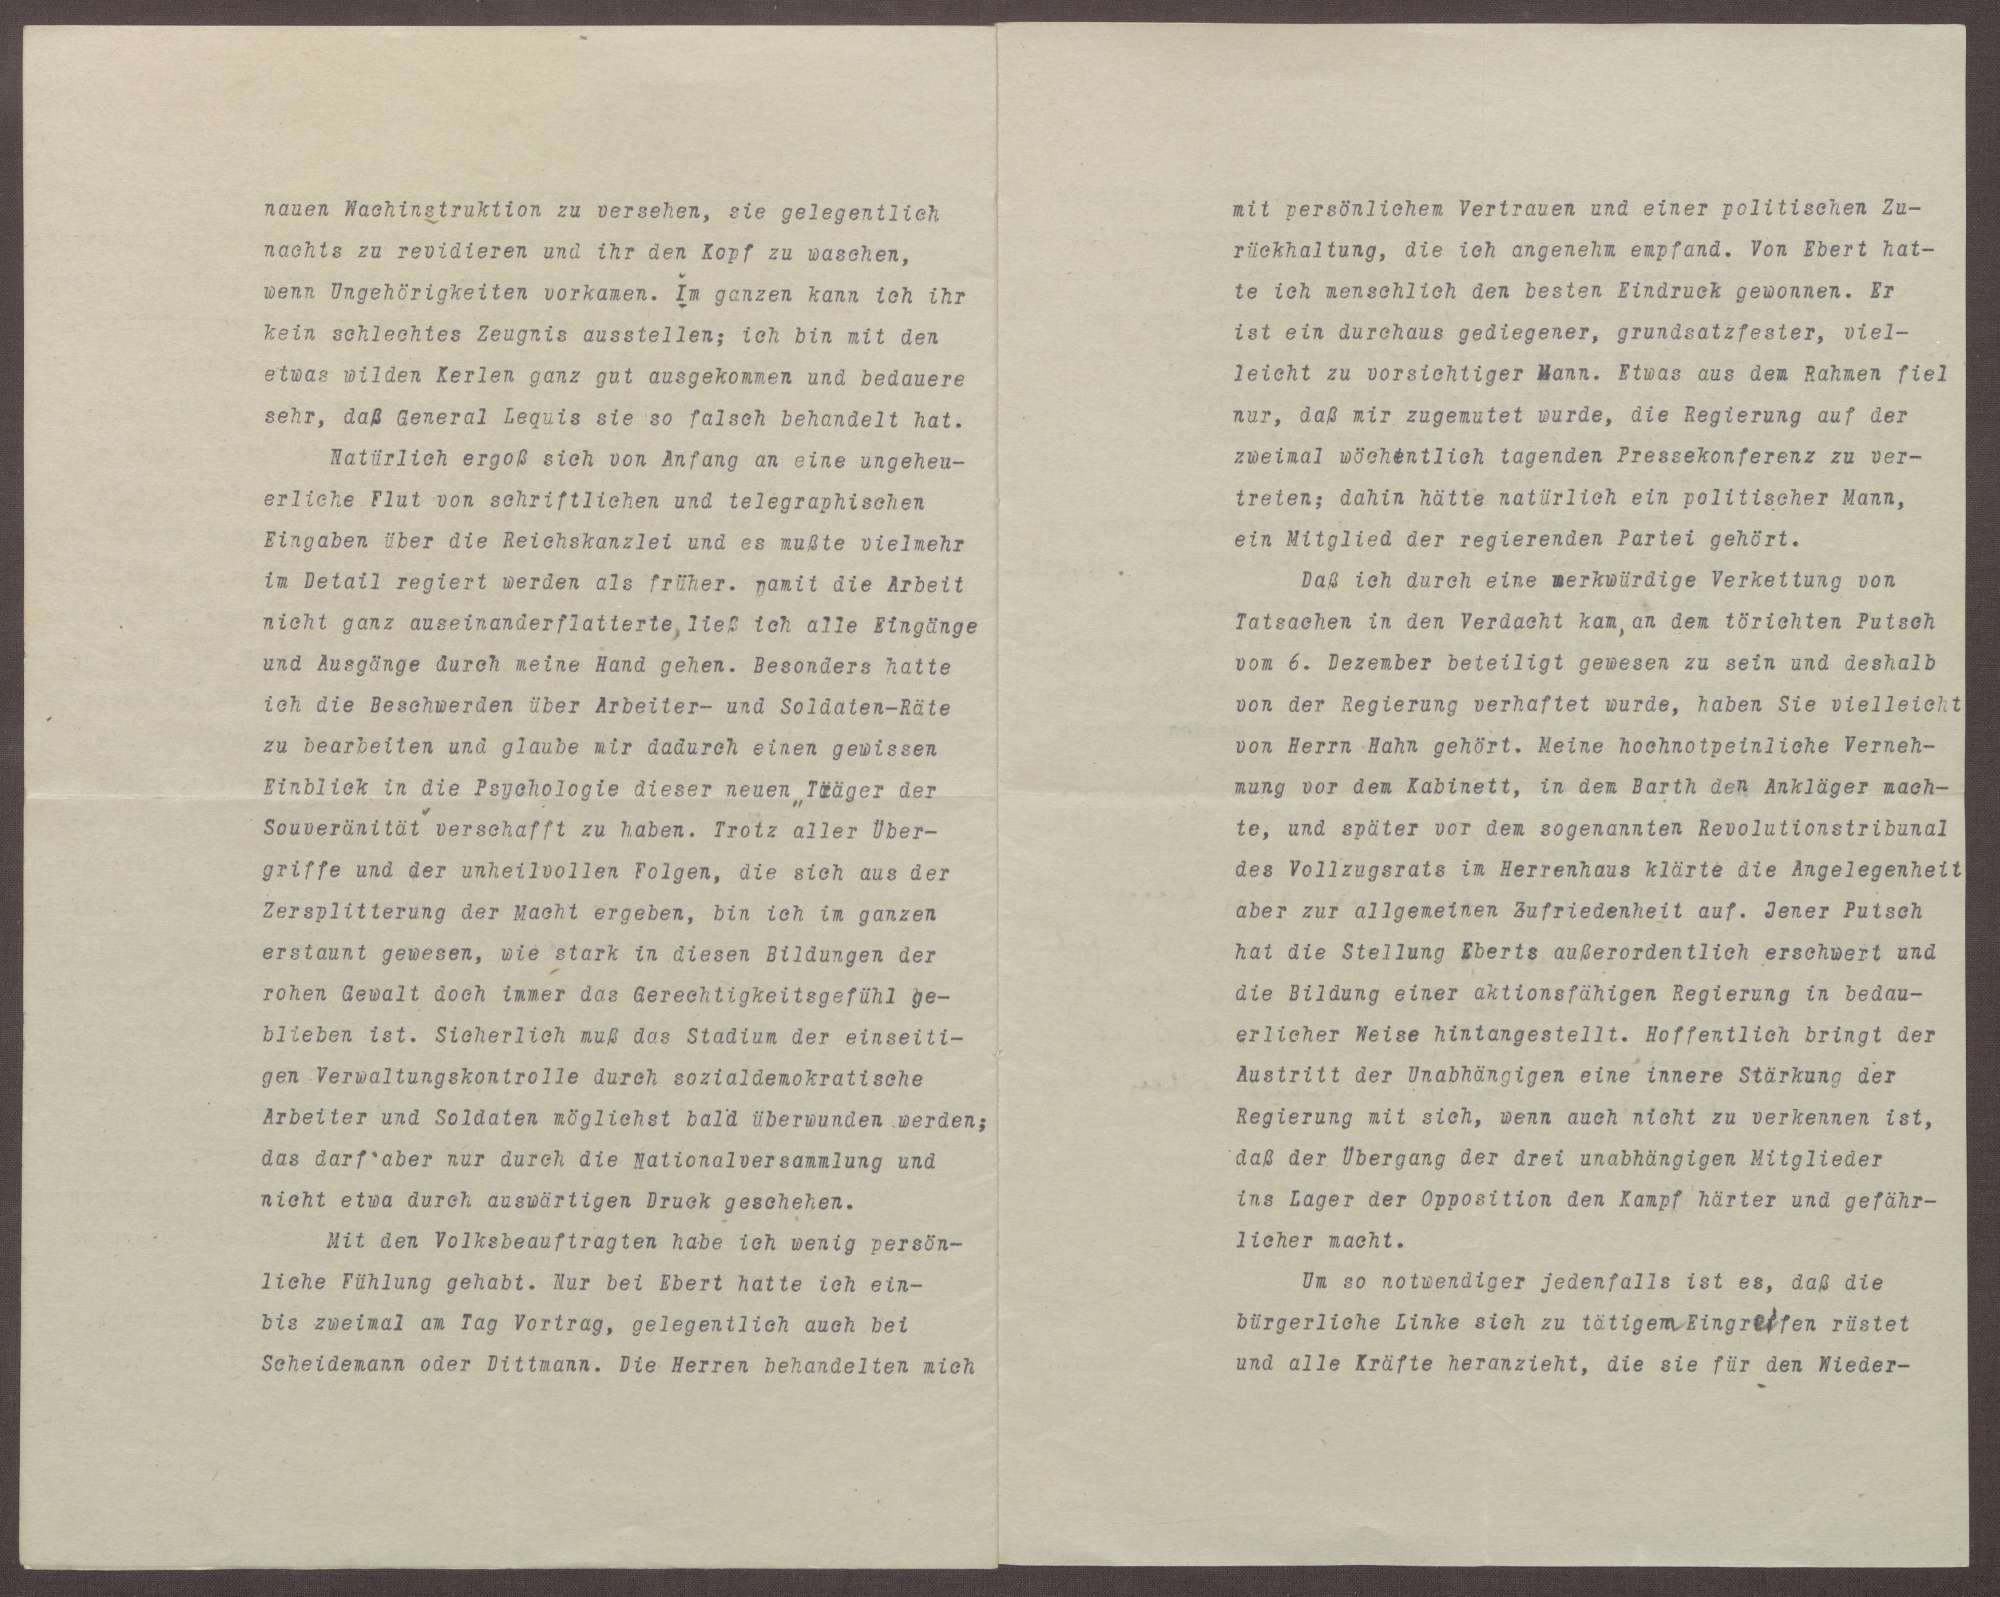 Schreiben von Walter Simons an Prinz Max von Baden; Kandidatur des Prinzen Max für die Wahlen zum Reichspräsidenten 1919, Umbrüche in der Reichskanzlei, Einschätzungen zur Stellung von Friedrich Ebert, Bild 3